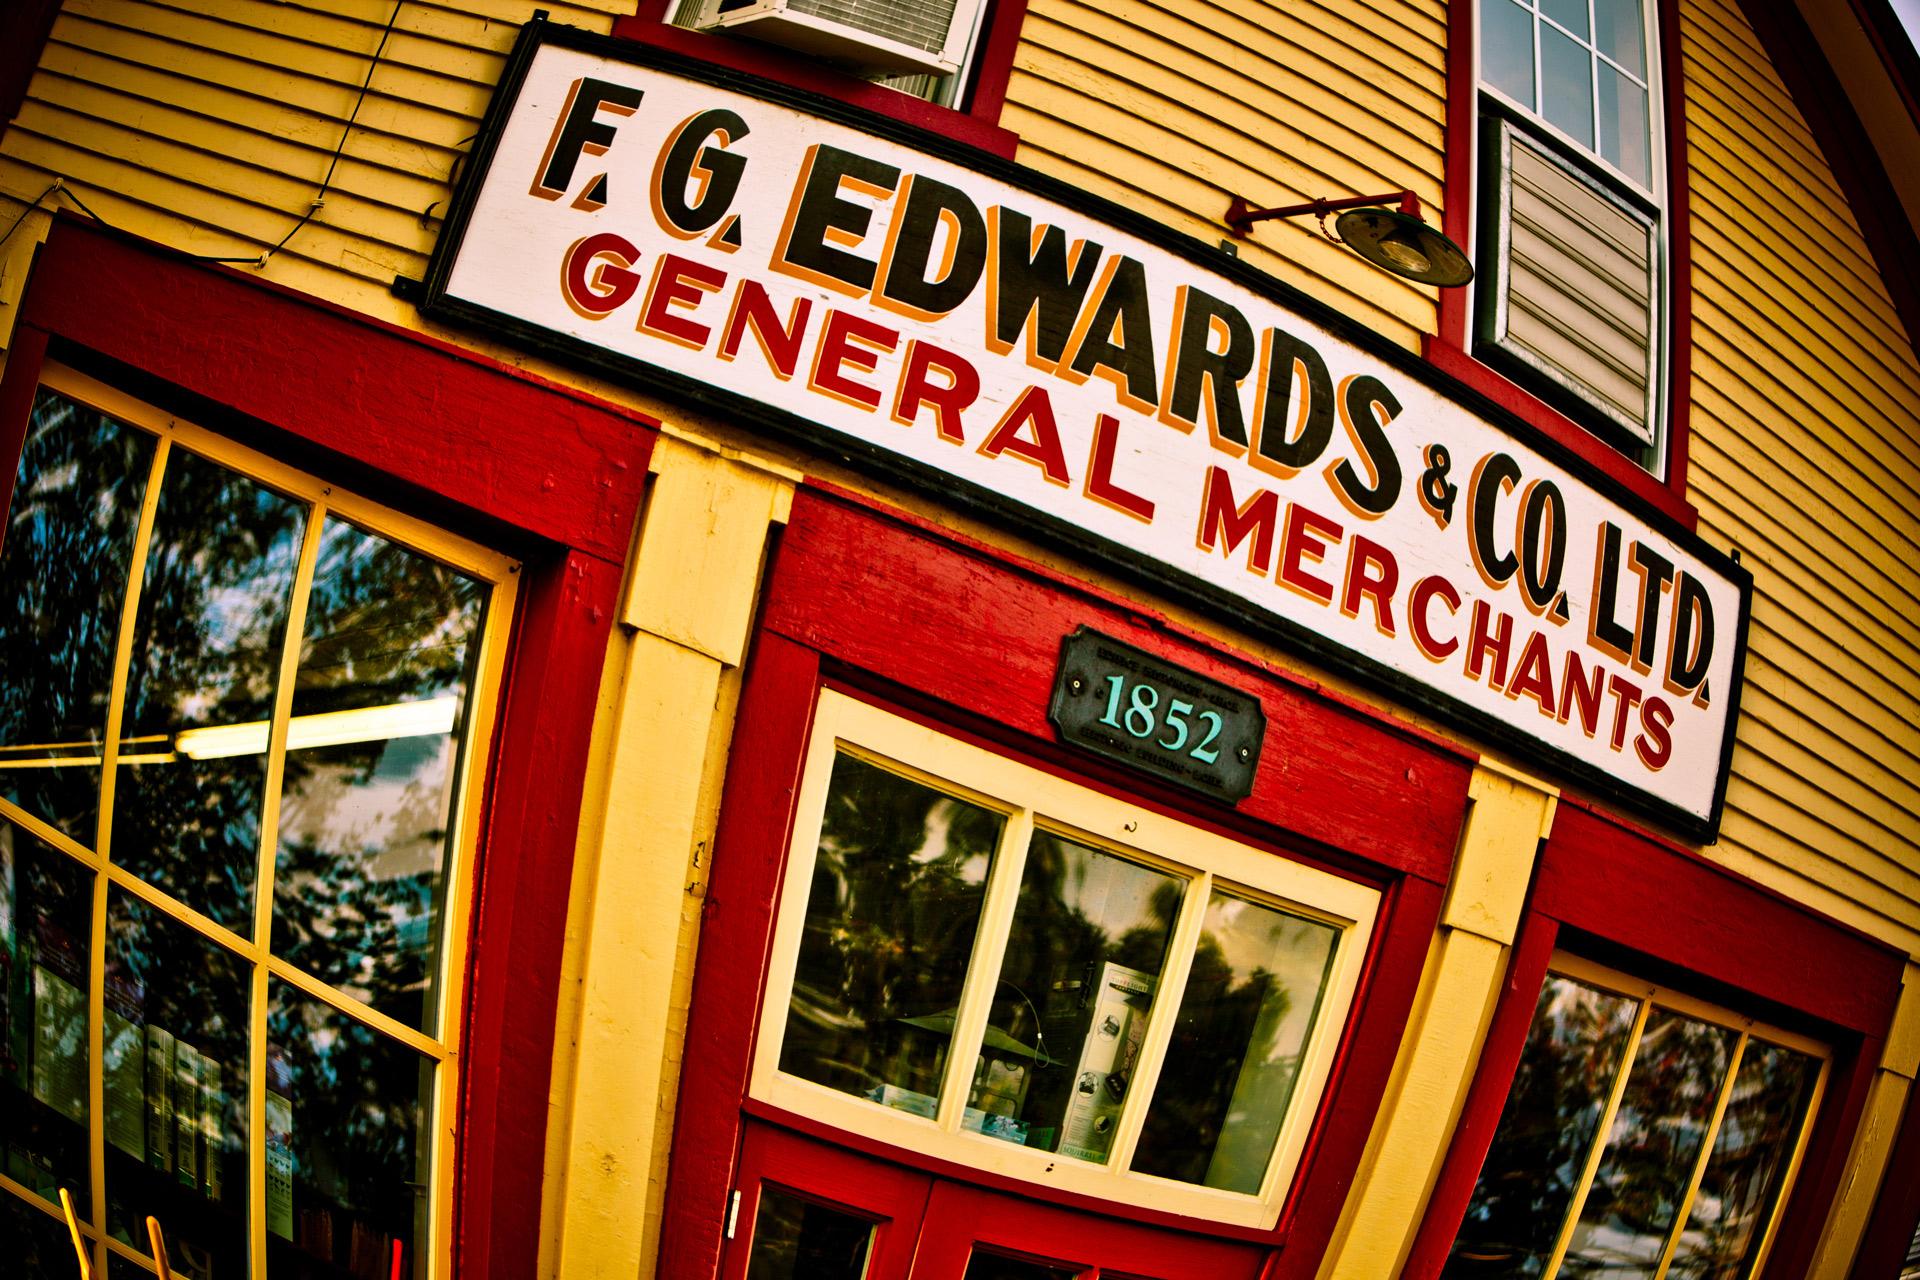 L'Estrie magasin général